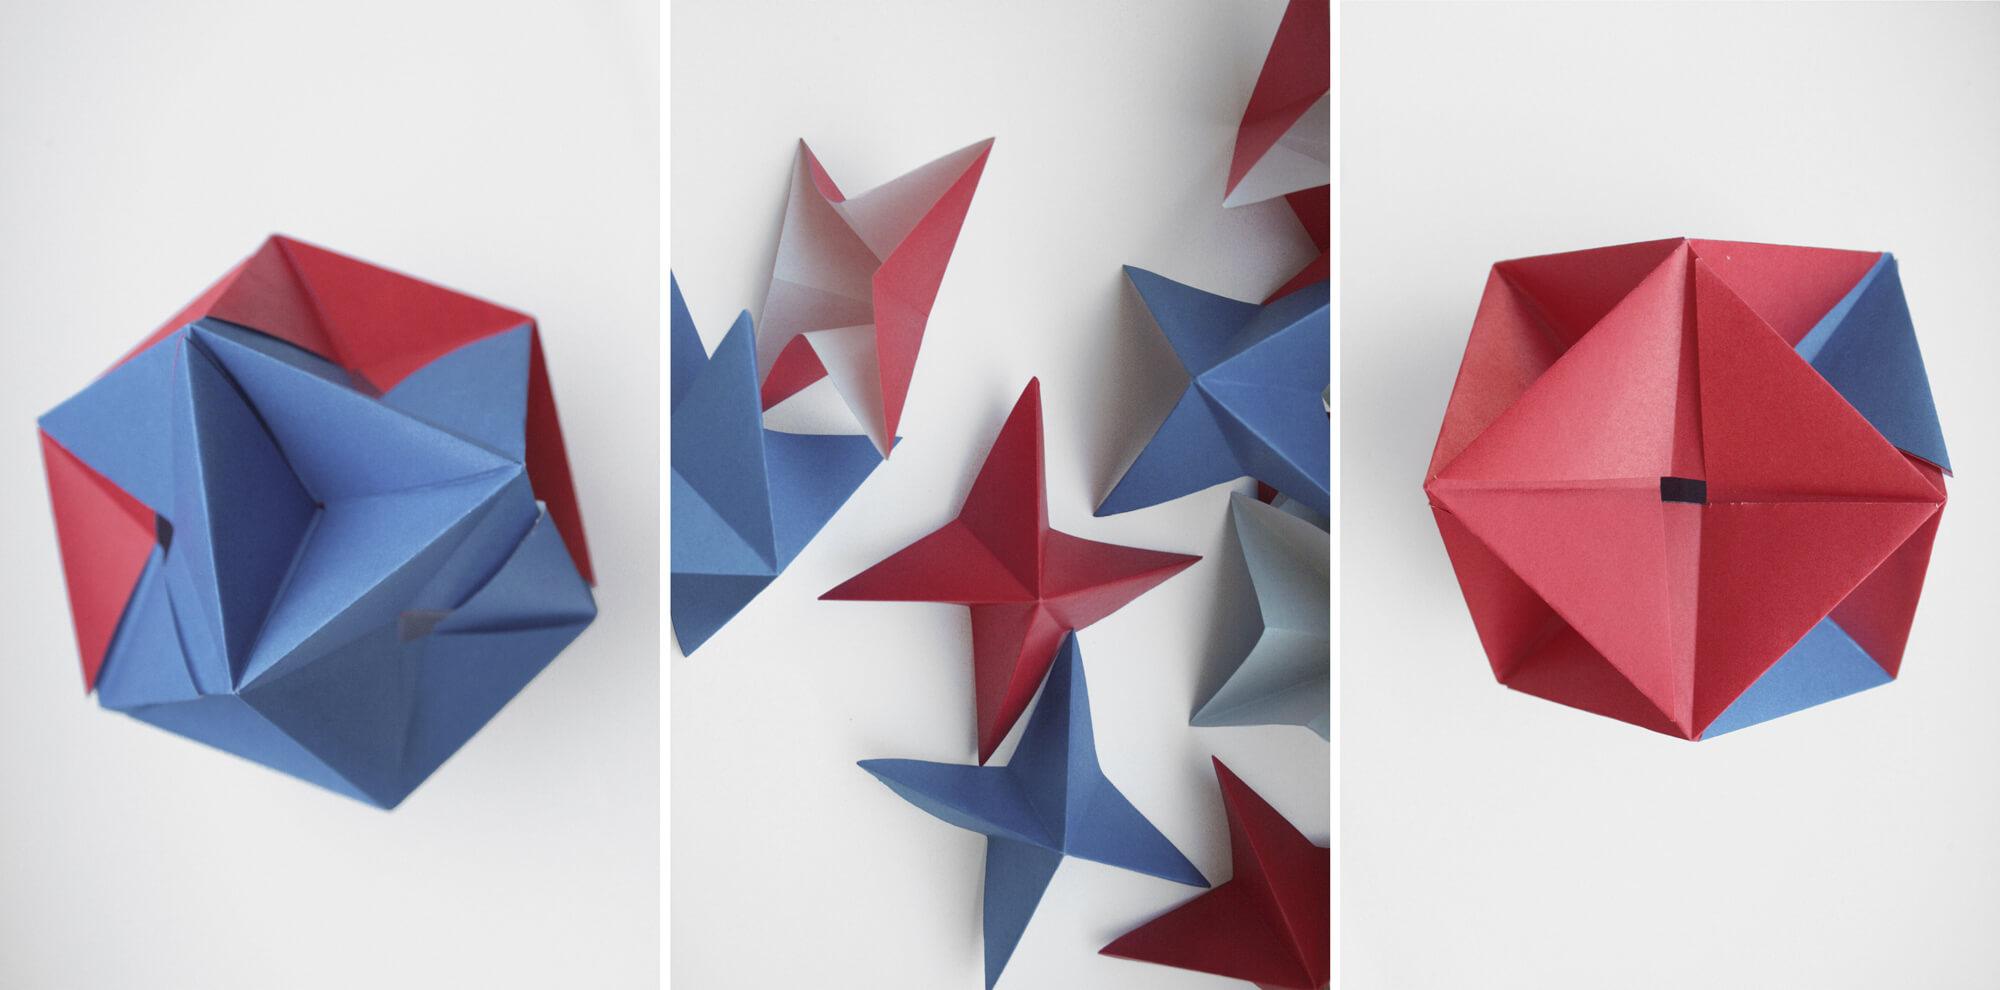 origami triptych